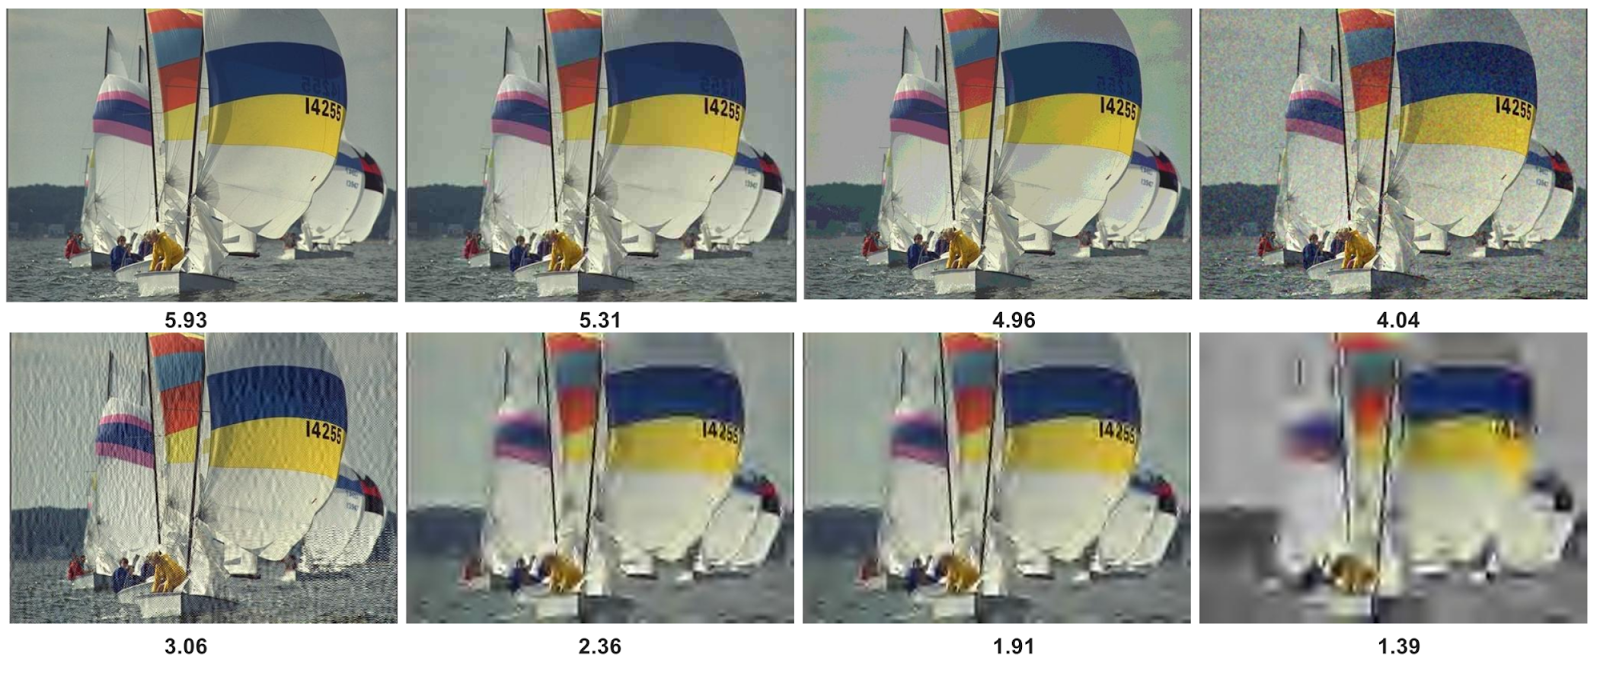 Прогнозируемые оценки NIMA показаны под каждым изображением. Самый высокий балл достался наиболее технически качественному снимку